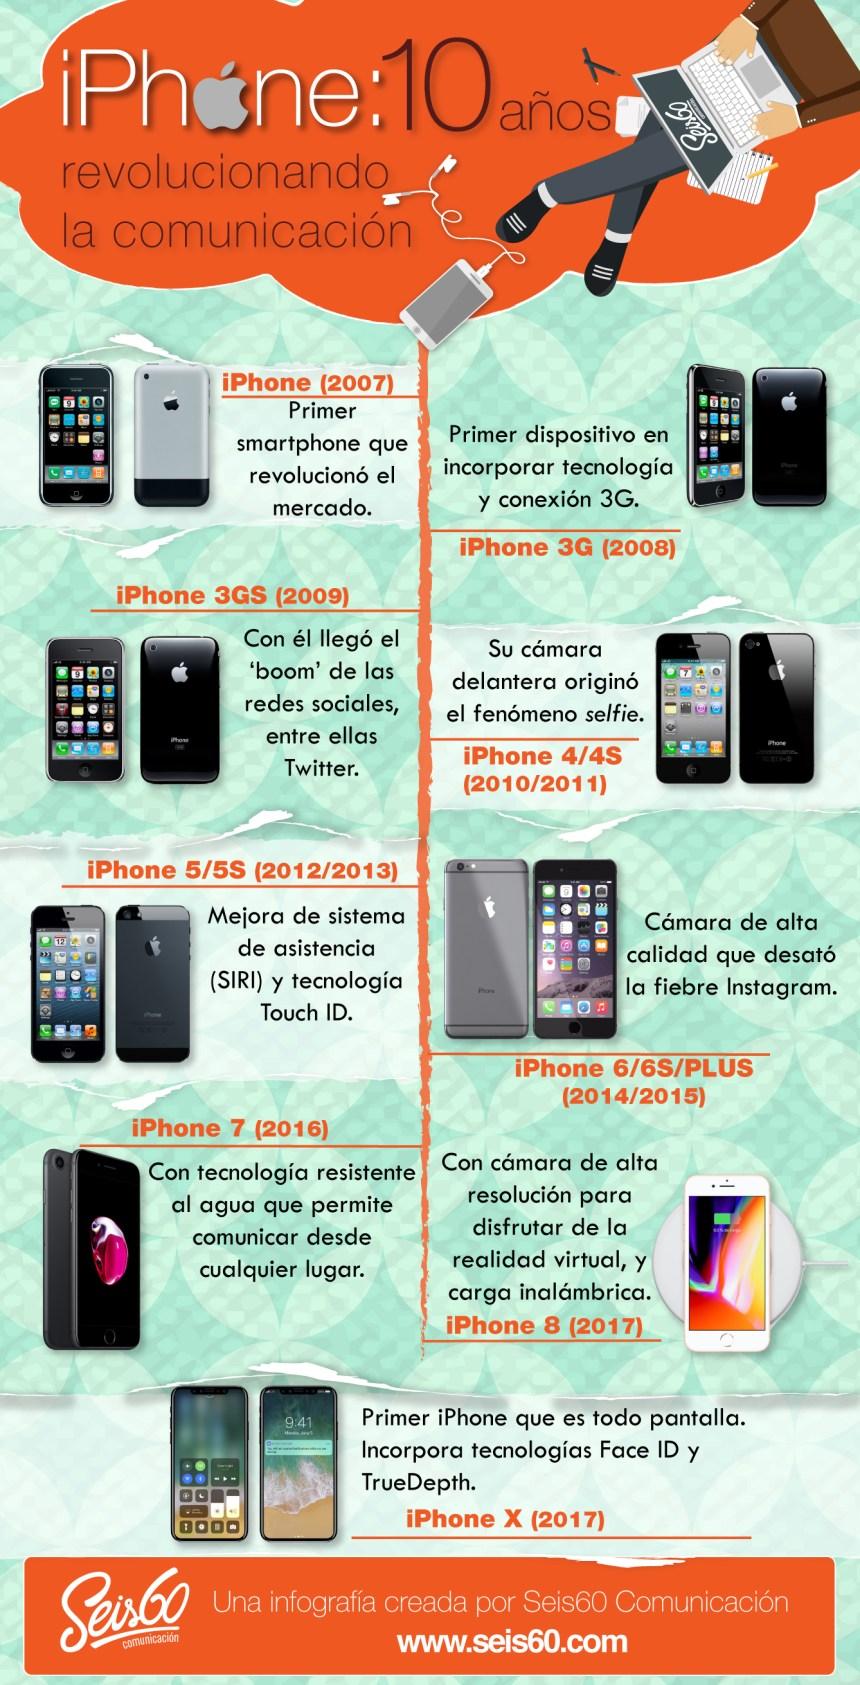 iPhone: 10 años revolucionando la comunicación